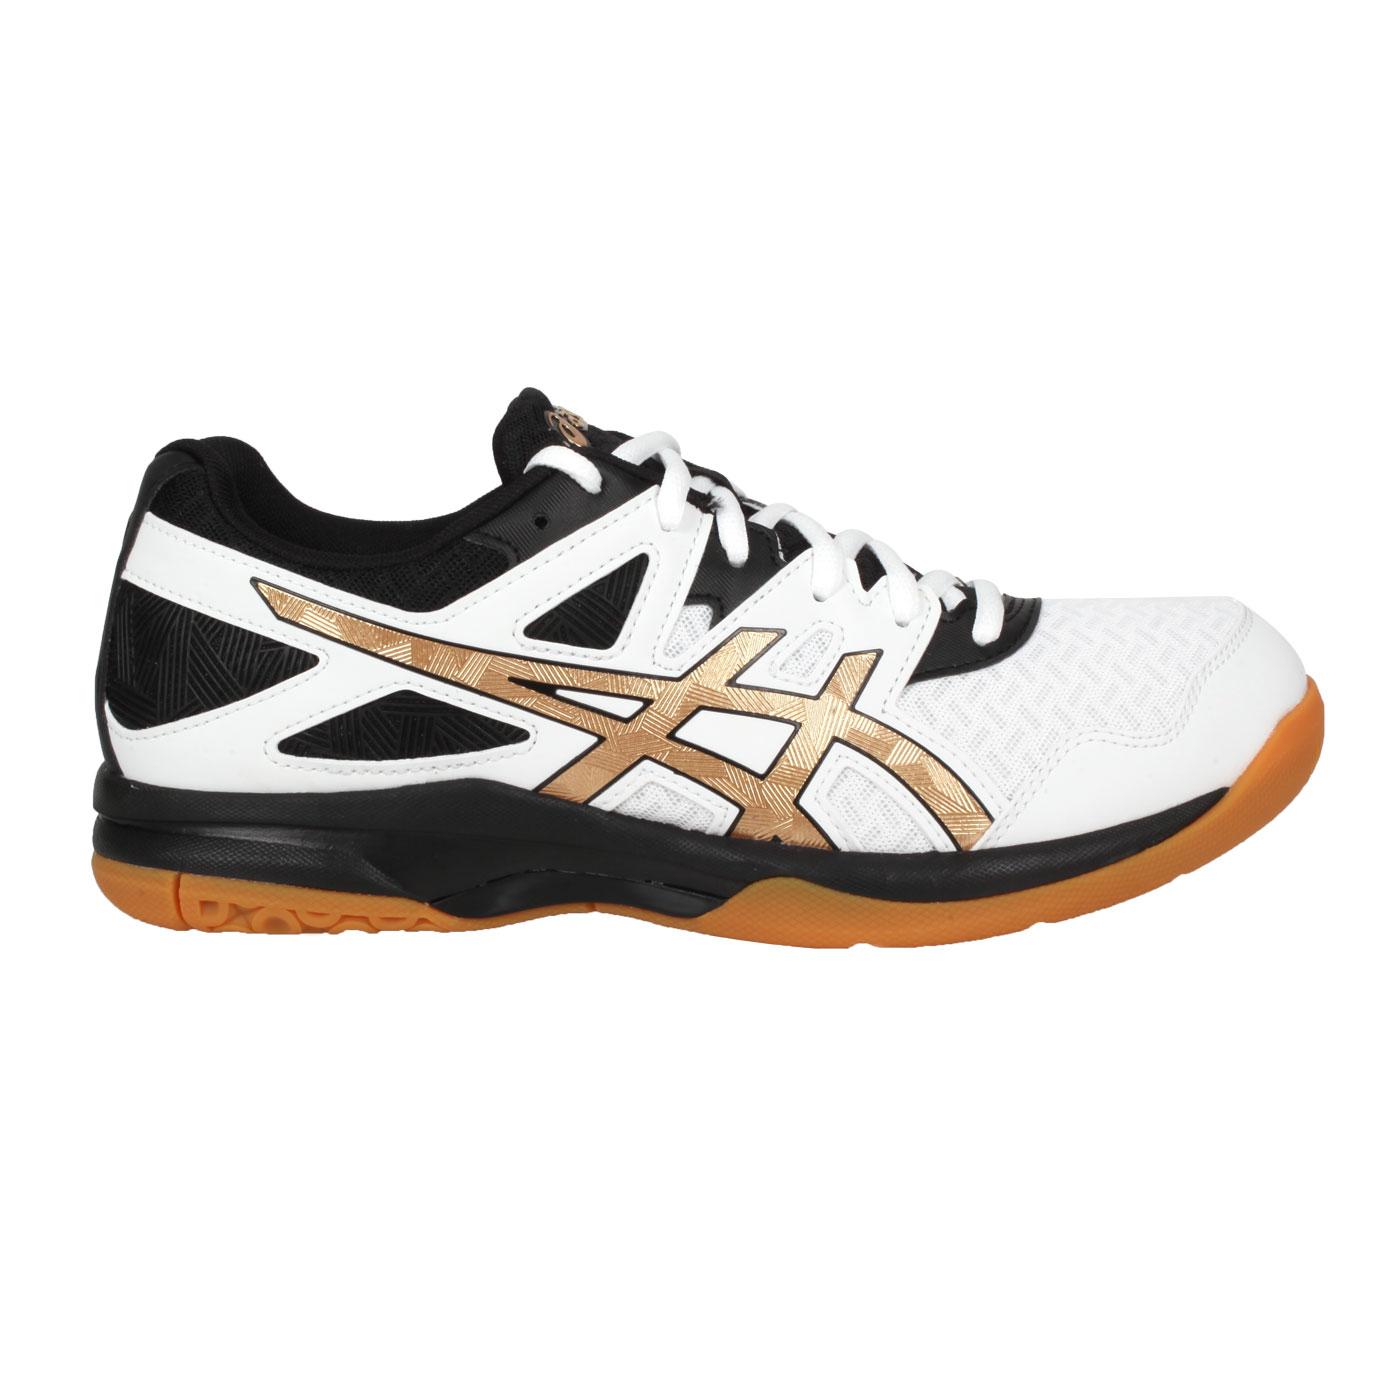 ASICS 男款排羽球鞋  @GEL-TASK 2@1071A037-102 - 白黑金